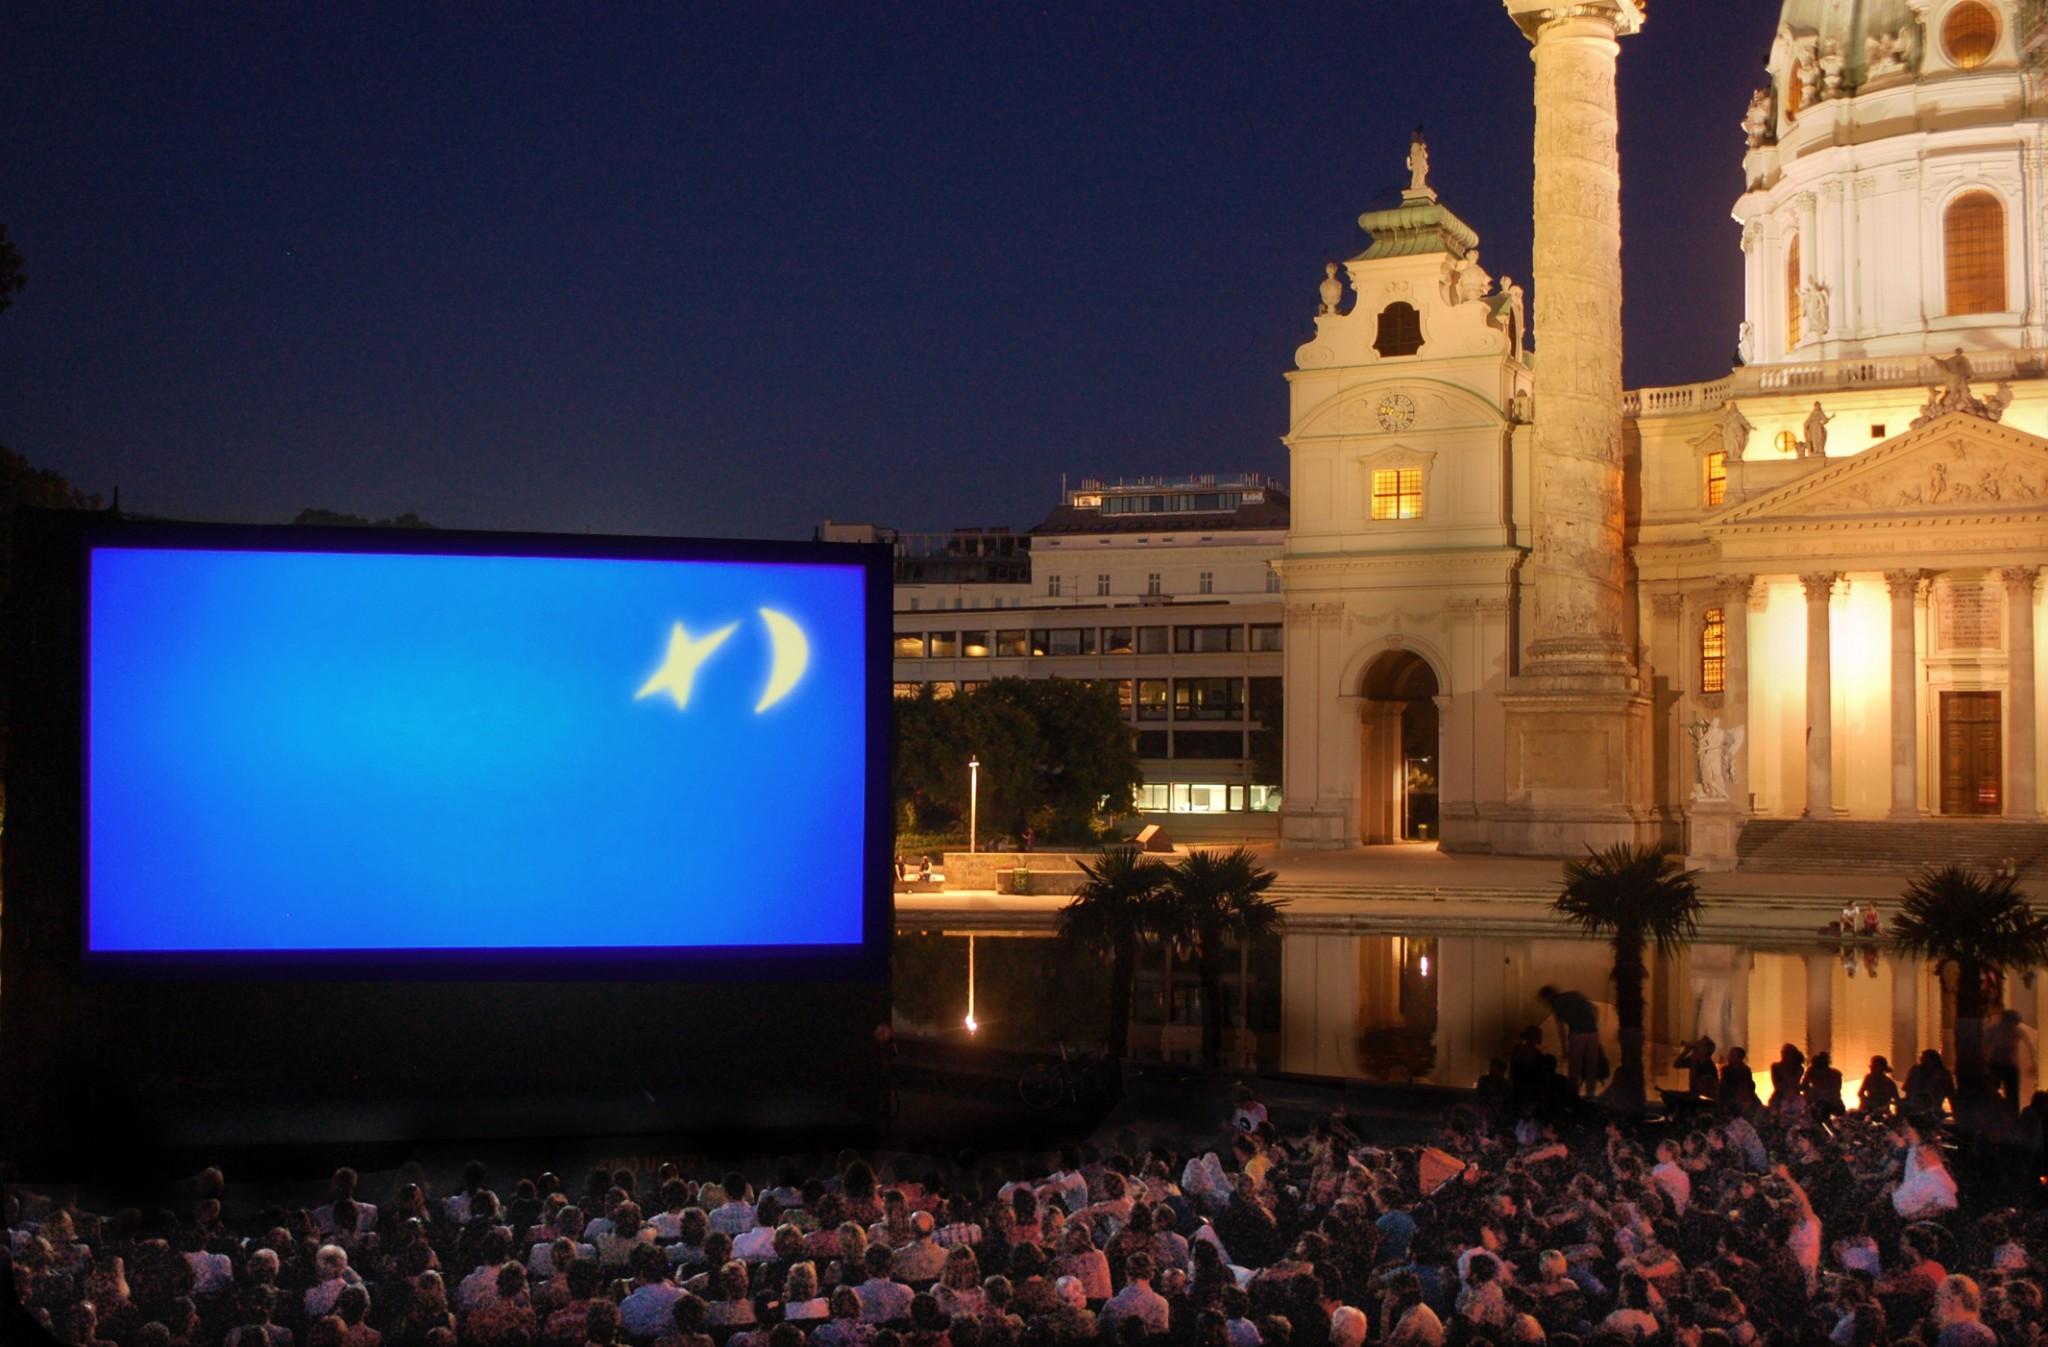 Bild: Kino unter Sternen